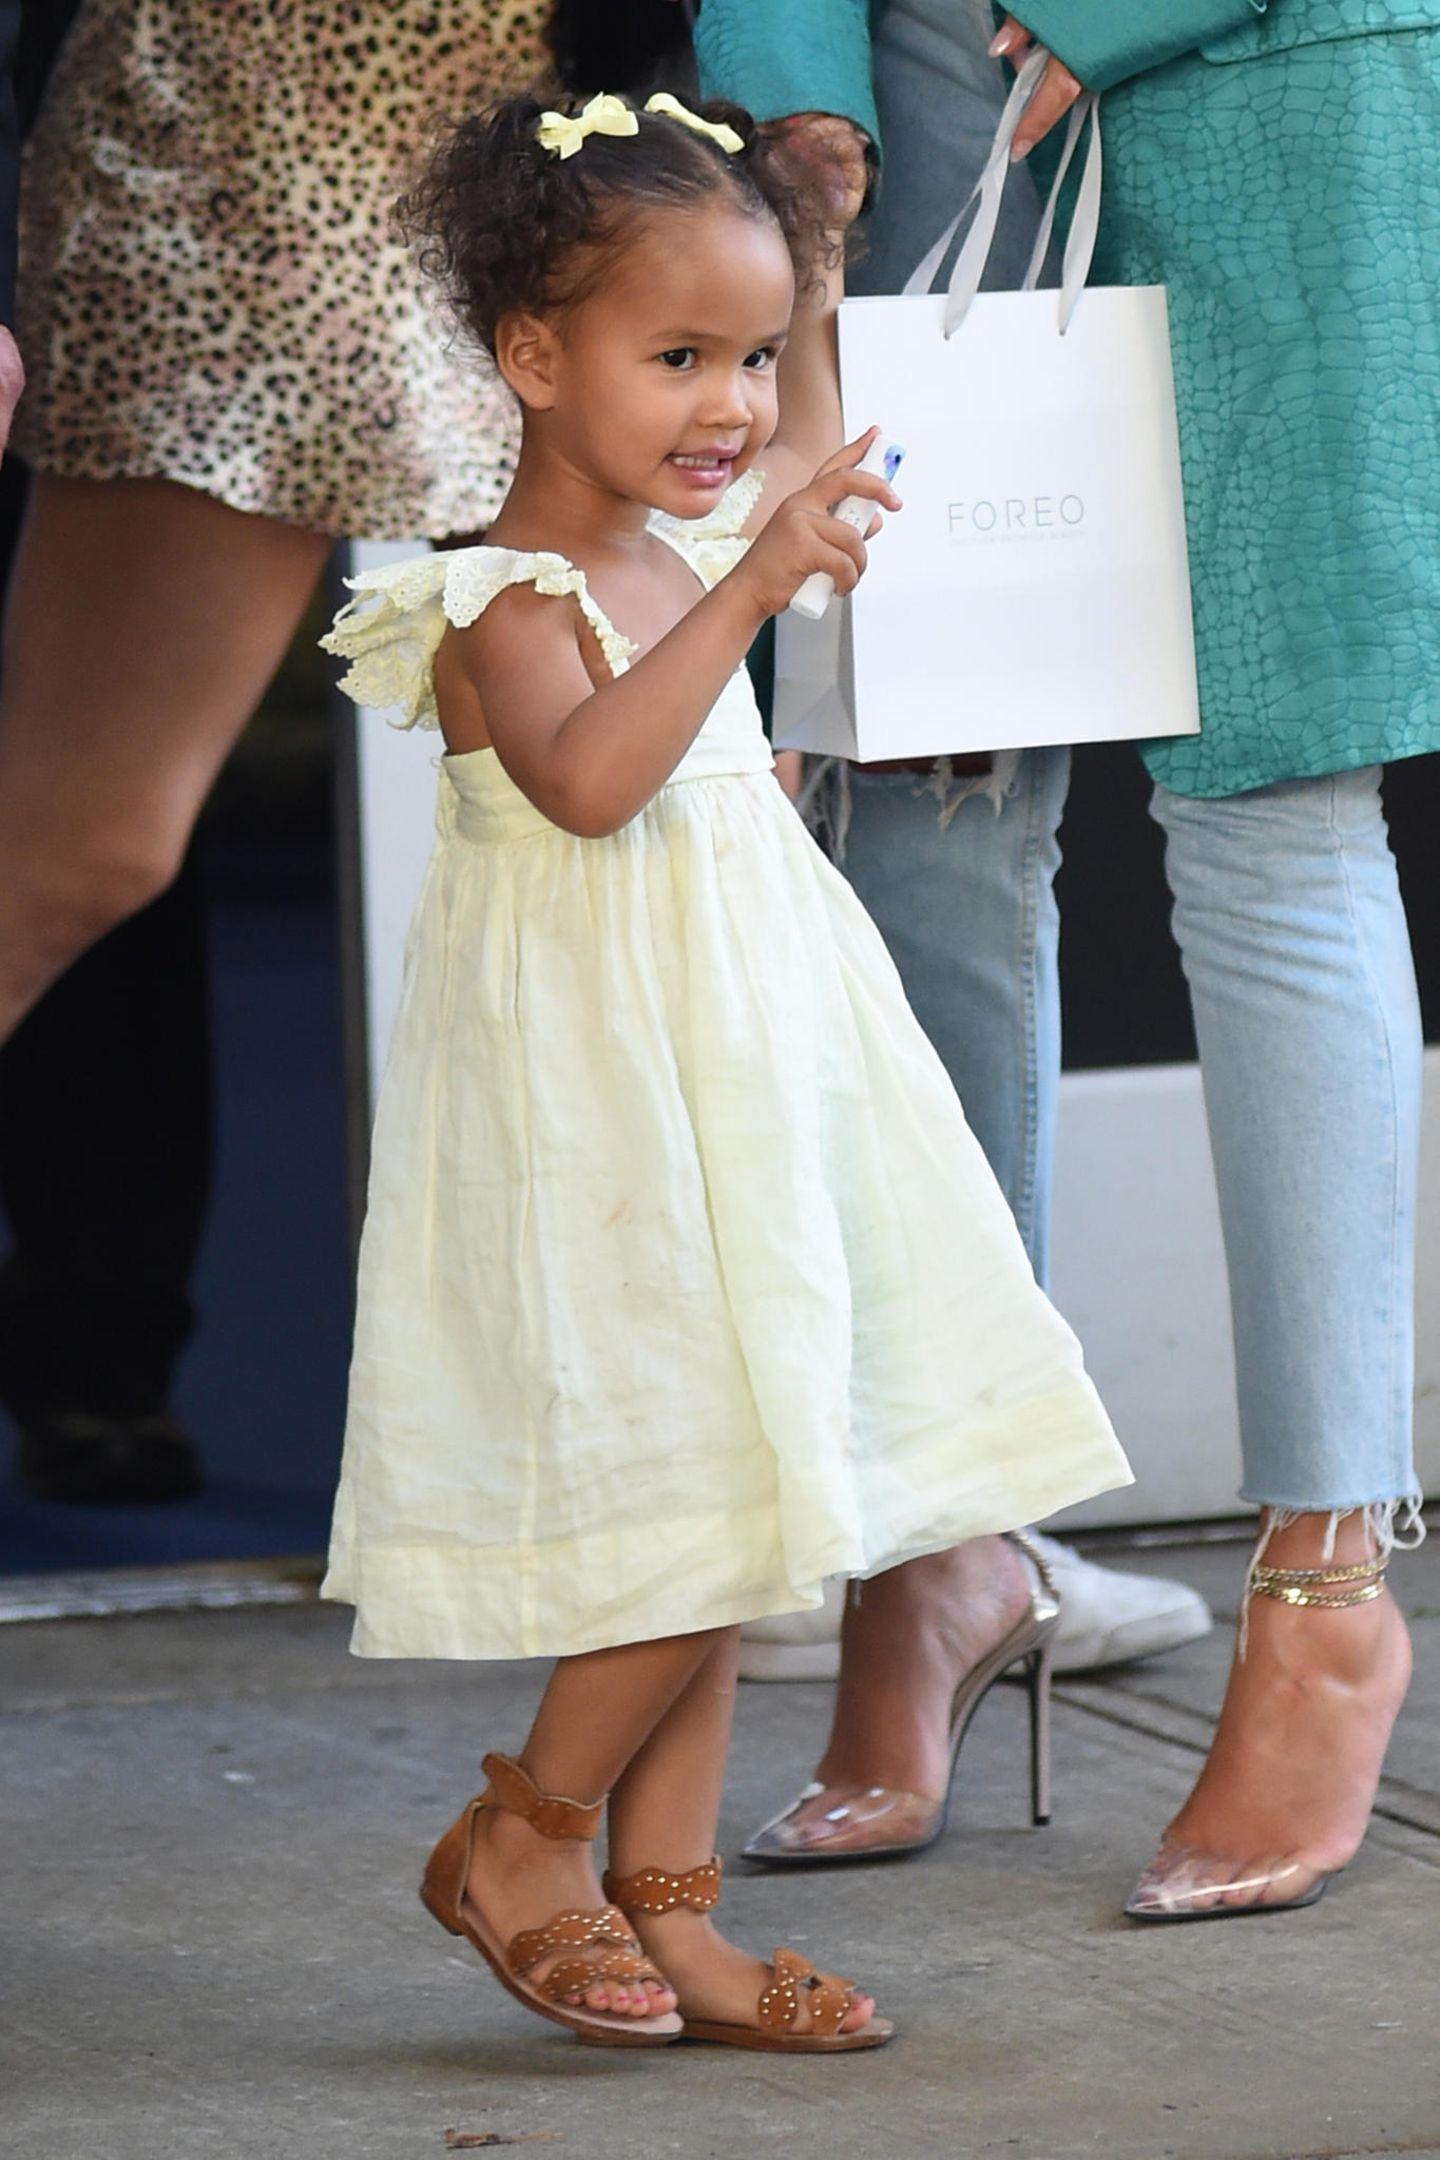 Zu ihren braunen Schuhen trägt Luna ein hellgelbes Kleid mit Rüschenträgern und zwei dazu passende Schleifen im Haar. Einfach zuckersüß!